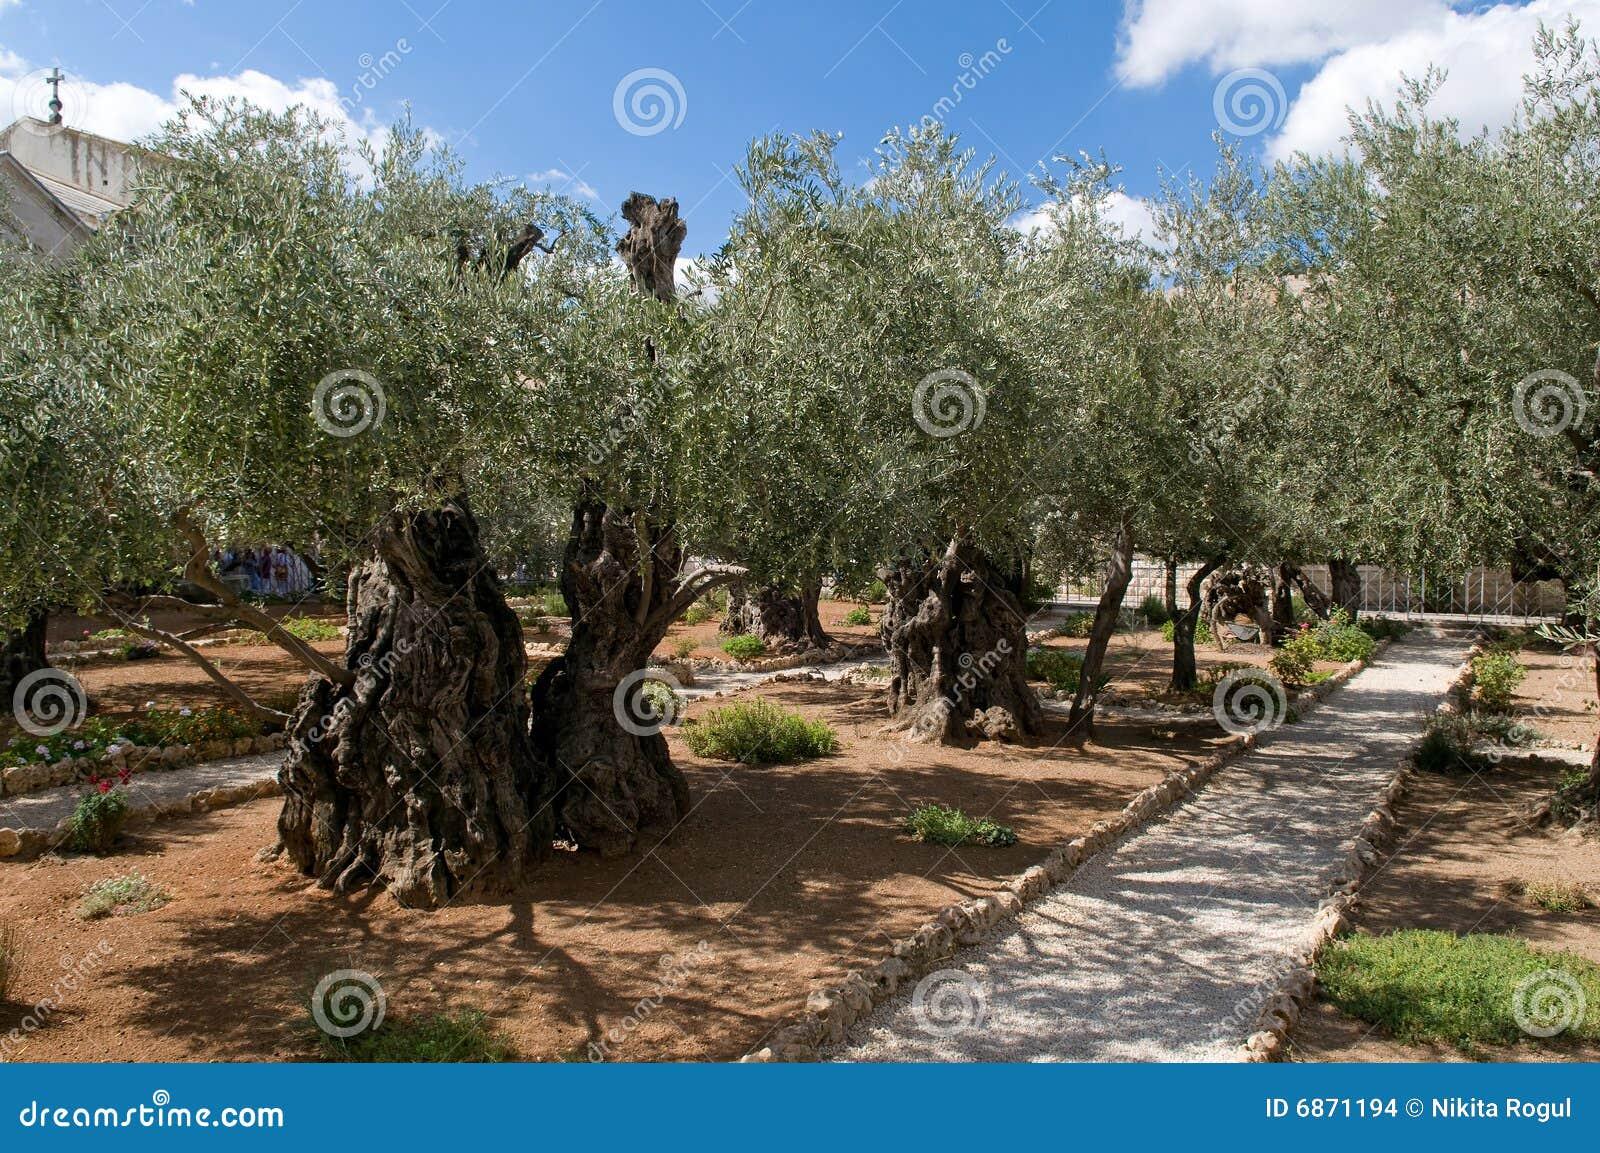 Garden Of Gethsemane Jerusalem Stock Images Image 6871194